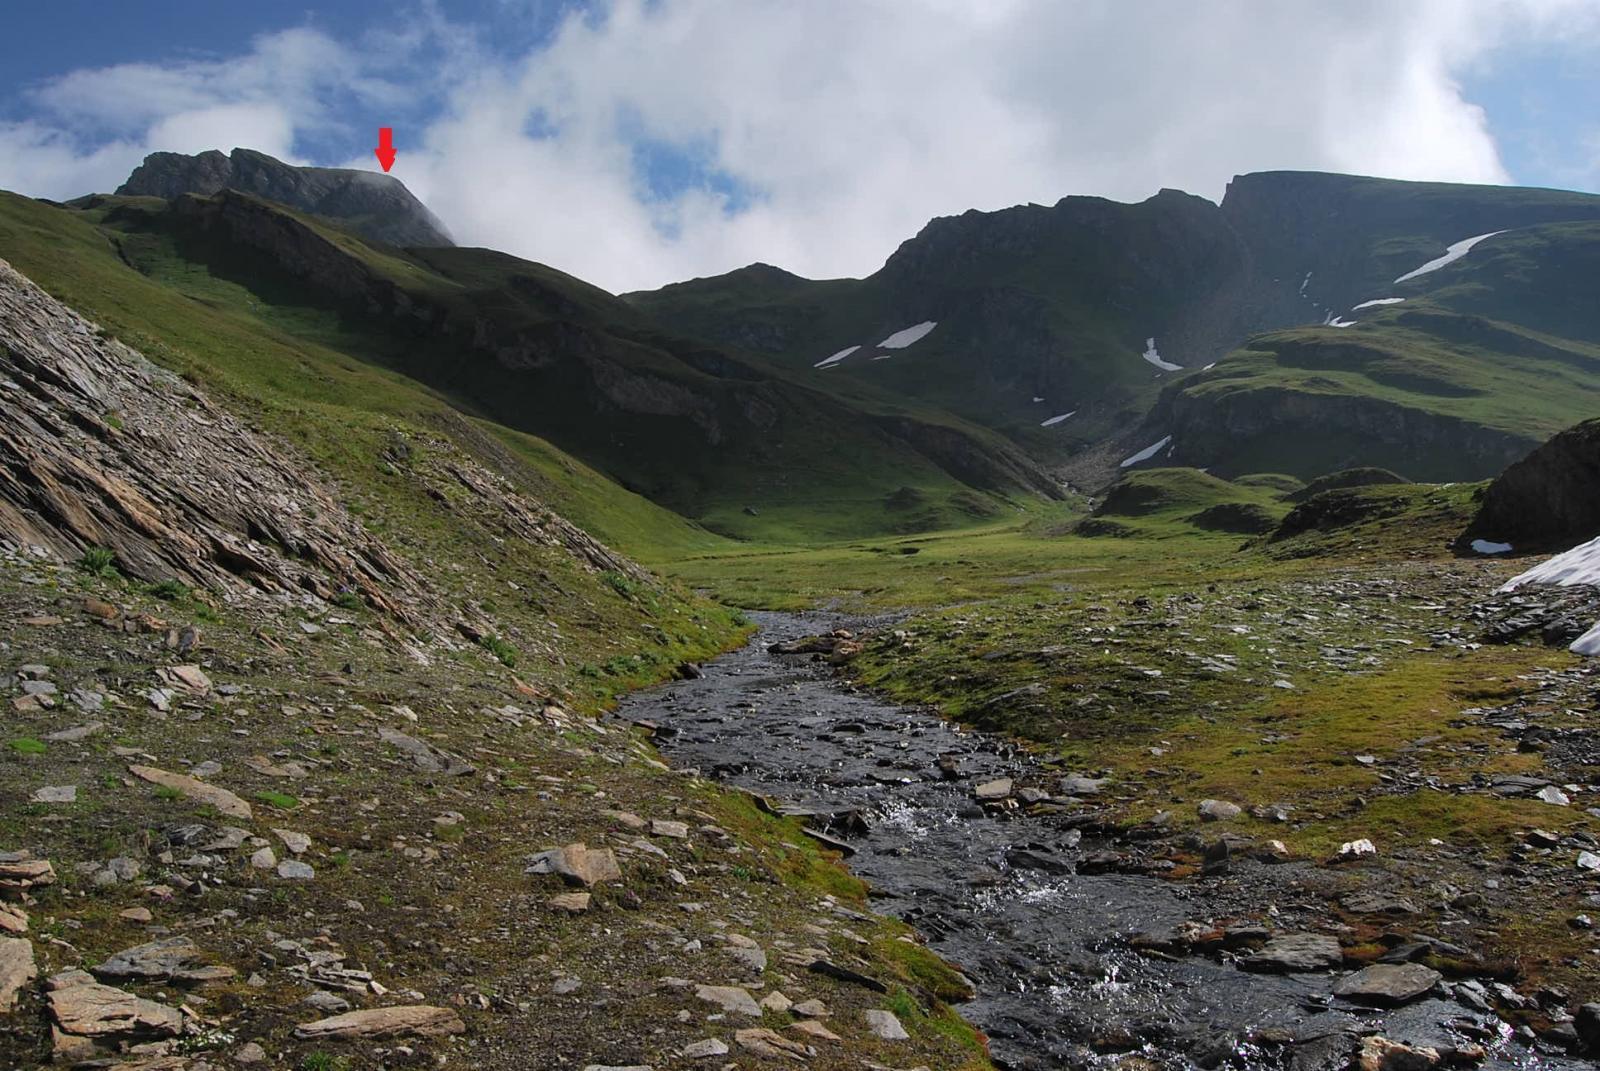 L'arrivo al pianoro e la meta (freccia rossa), poi rivelatasi il Creton du Midi